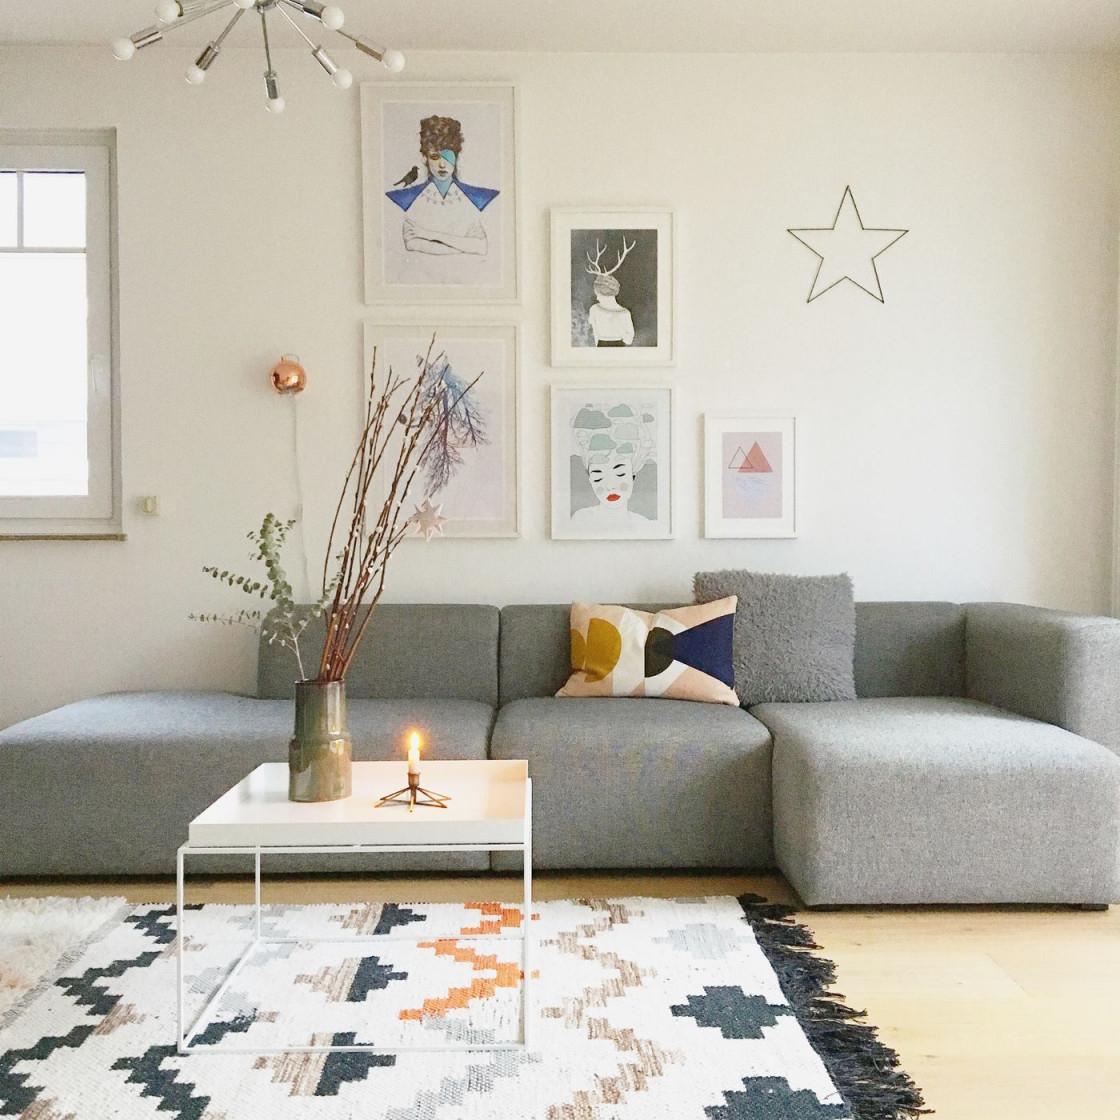 Die Besten Ideen Für Die Wandgestaltung Im Wohnzimmer von Wohnzimmer Wände Gestalten Photo